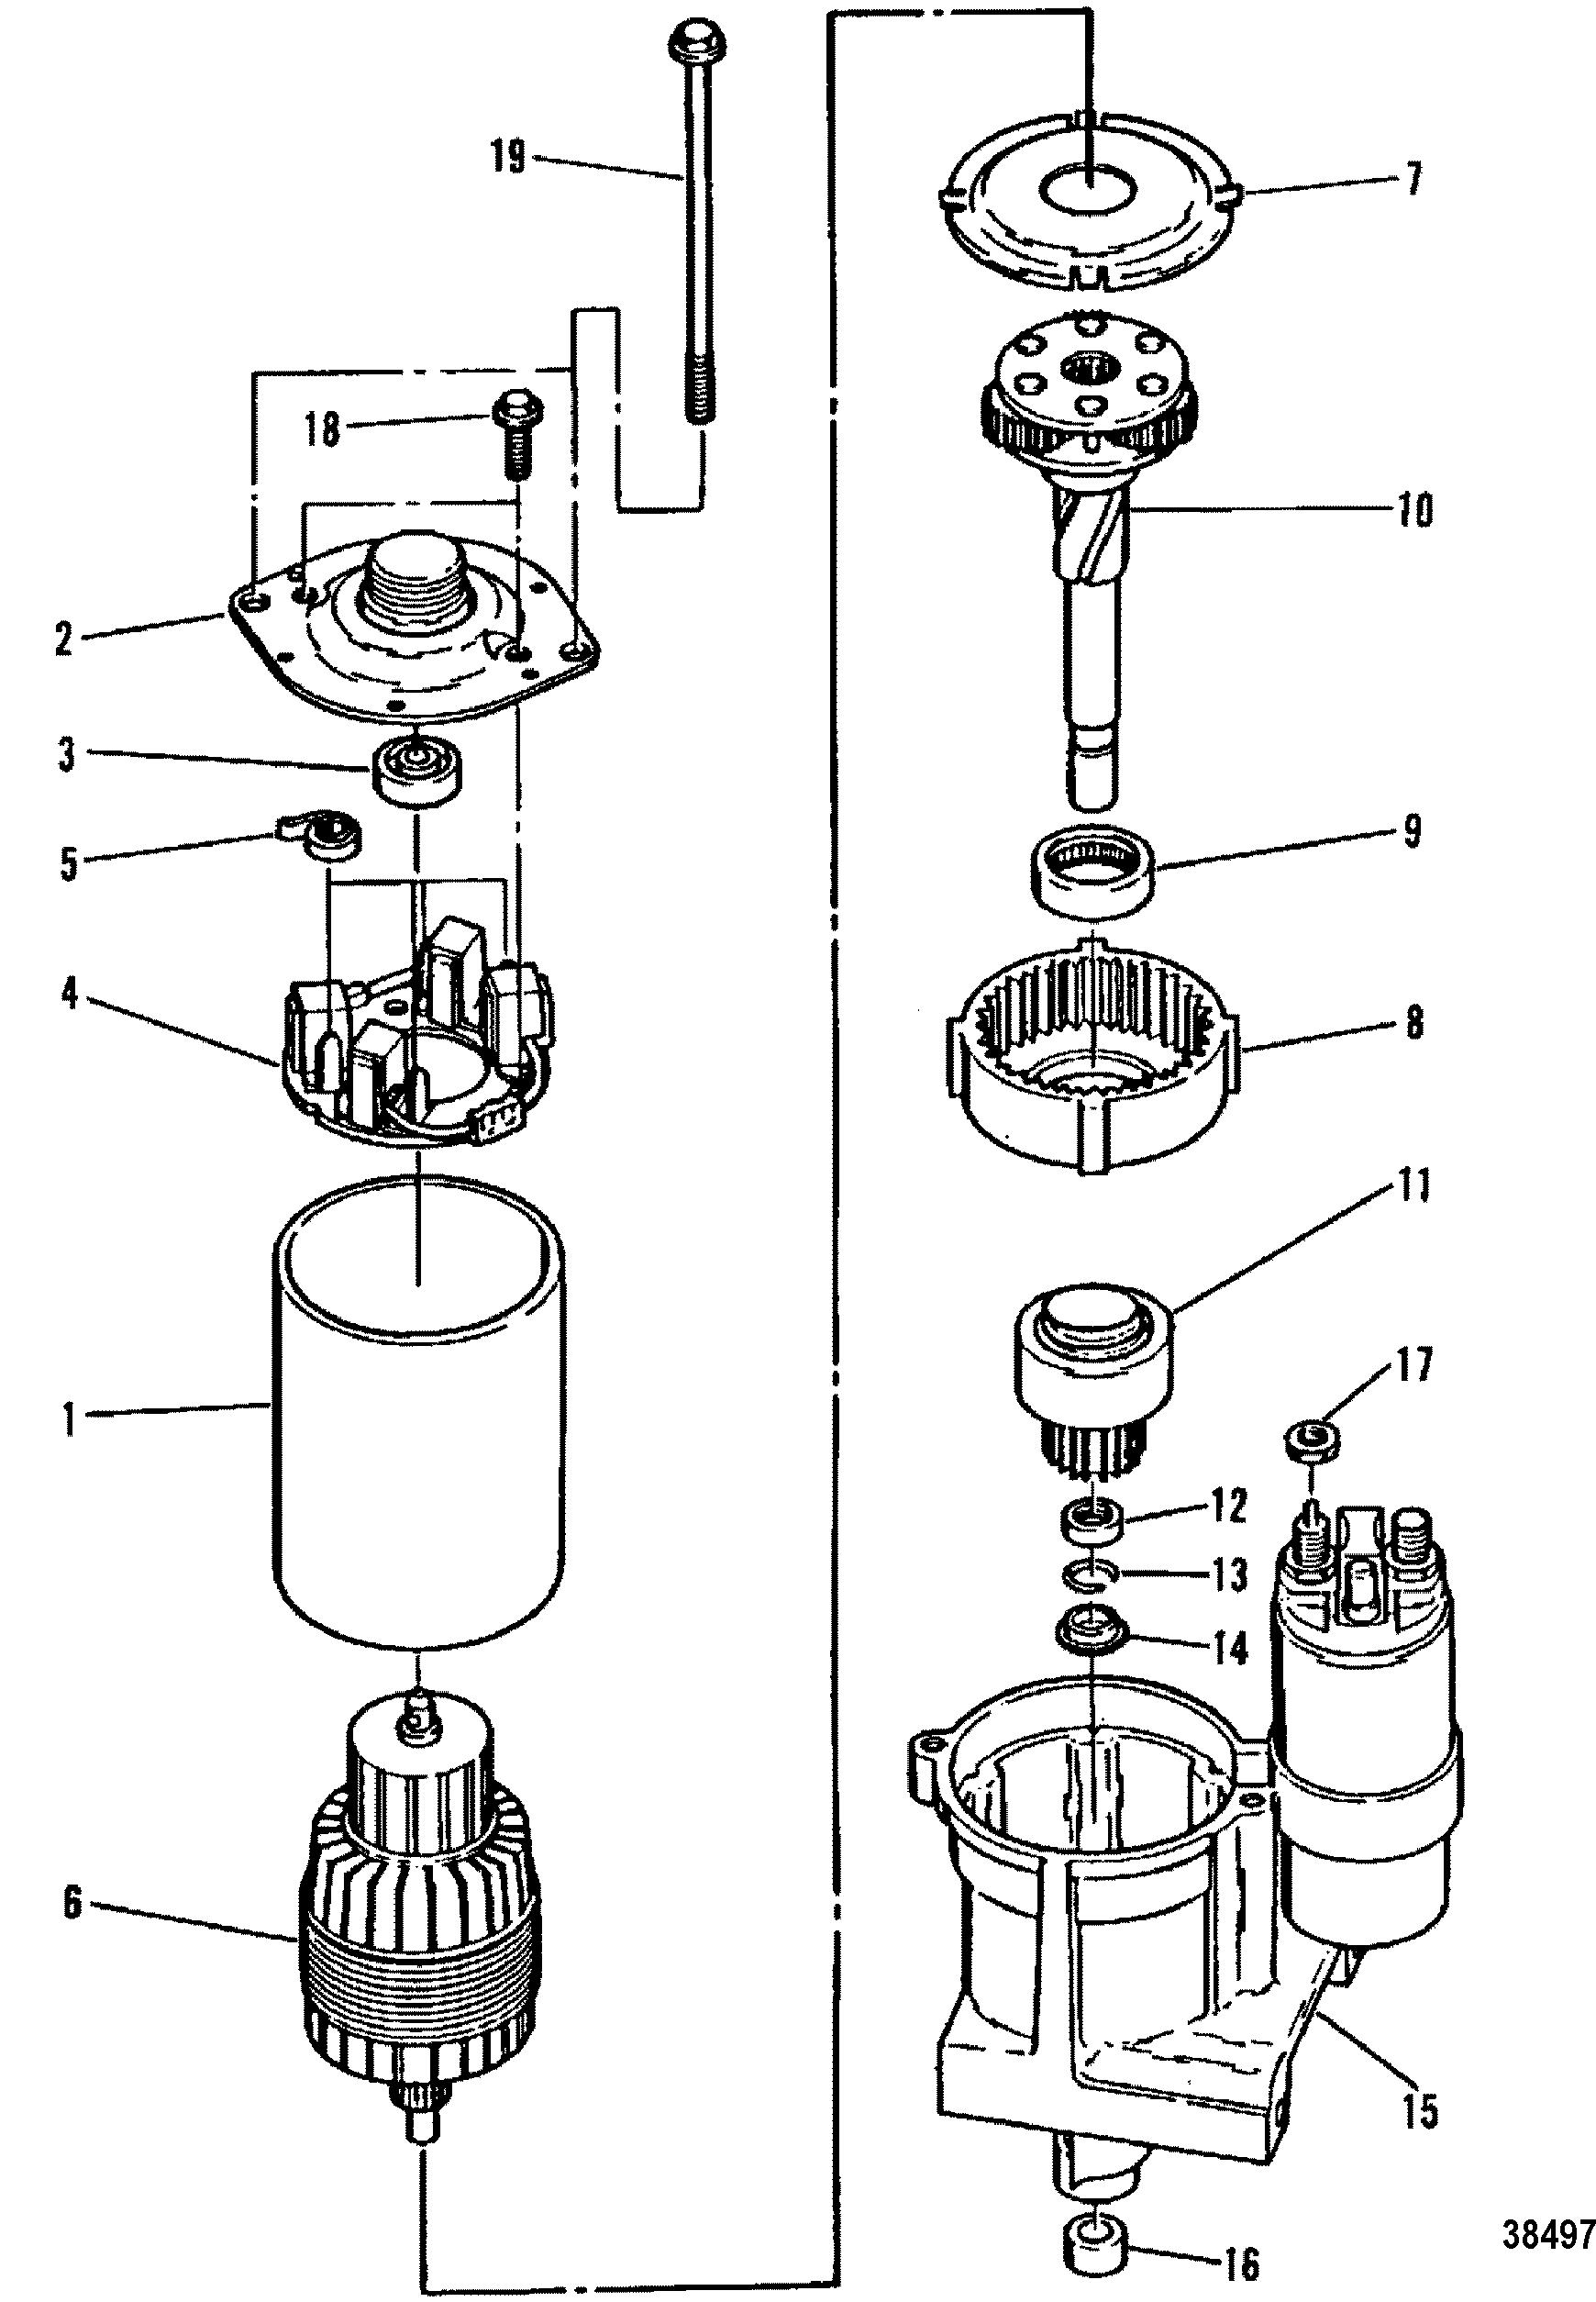 starter motor for mercruiser 4 3l 4 3lx alpha one engine 262 cid